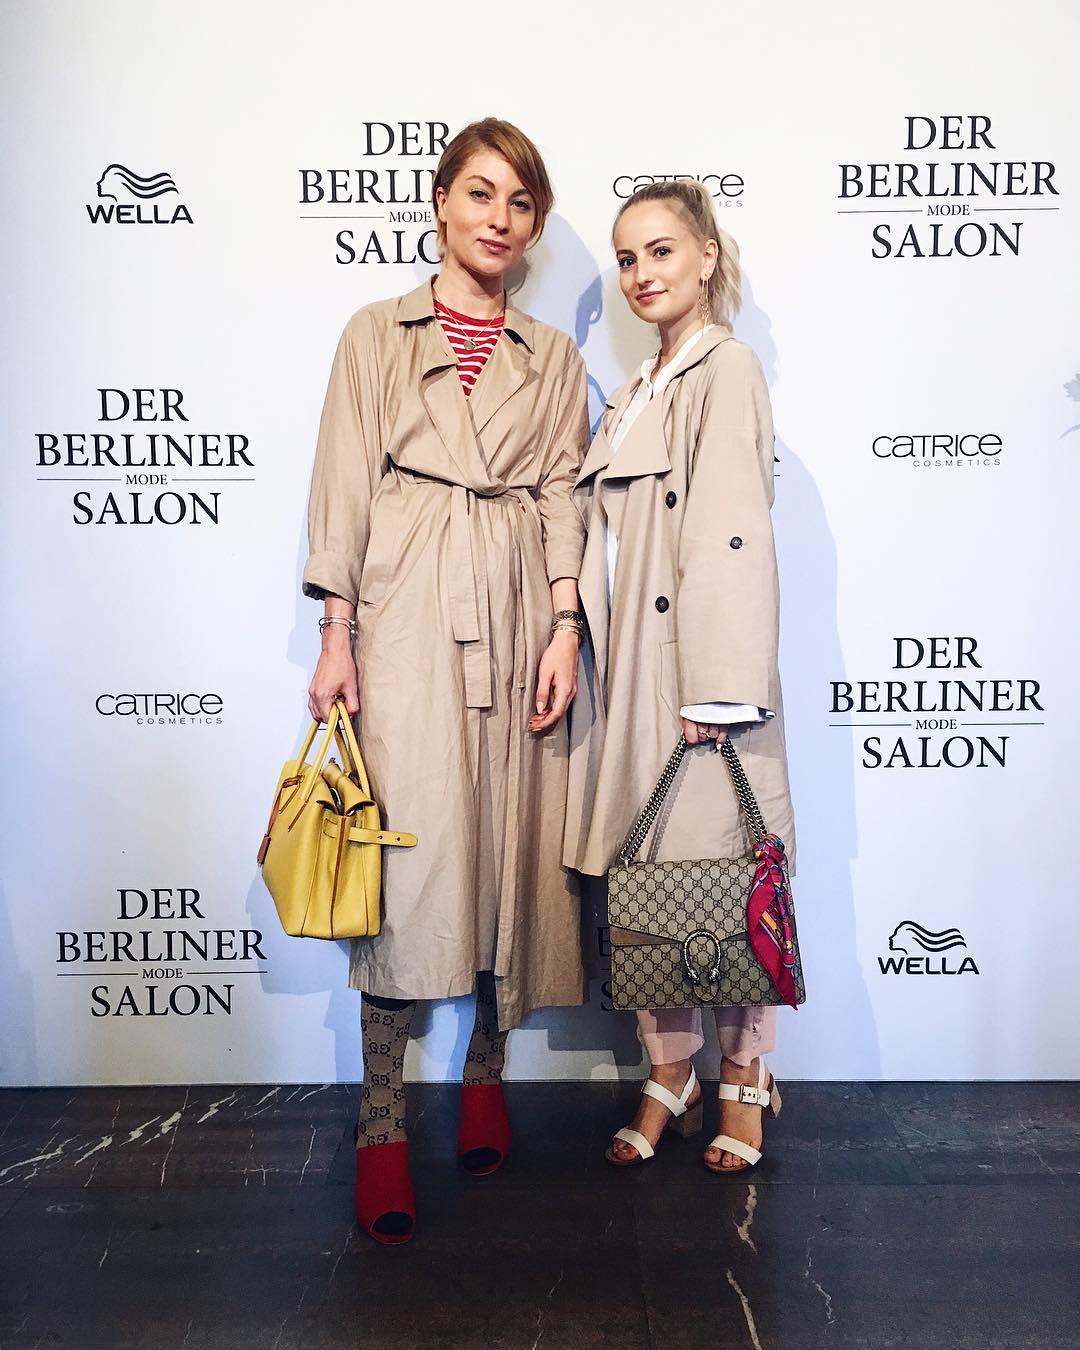 Berlin Fashion Week Q&A - KIM ENGEL